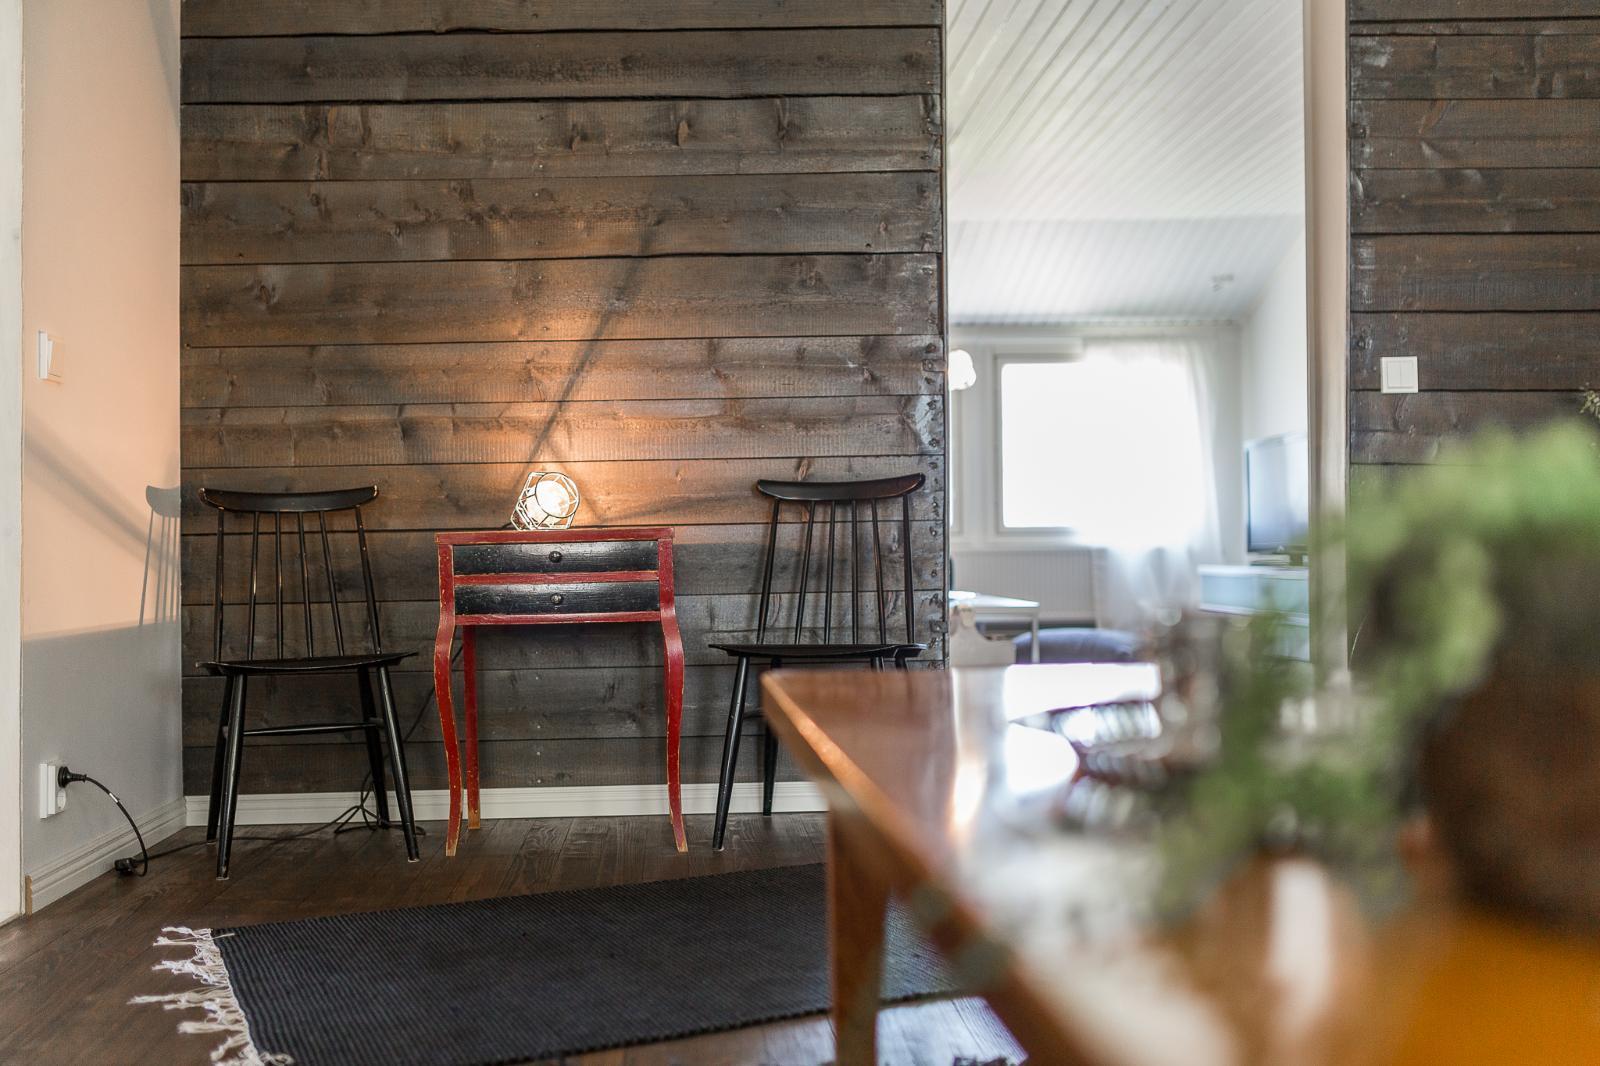 Kaunista puupintaa olohuoneen seinällä  Etuovi com Ideat & vinkit